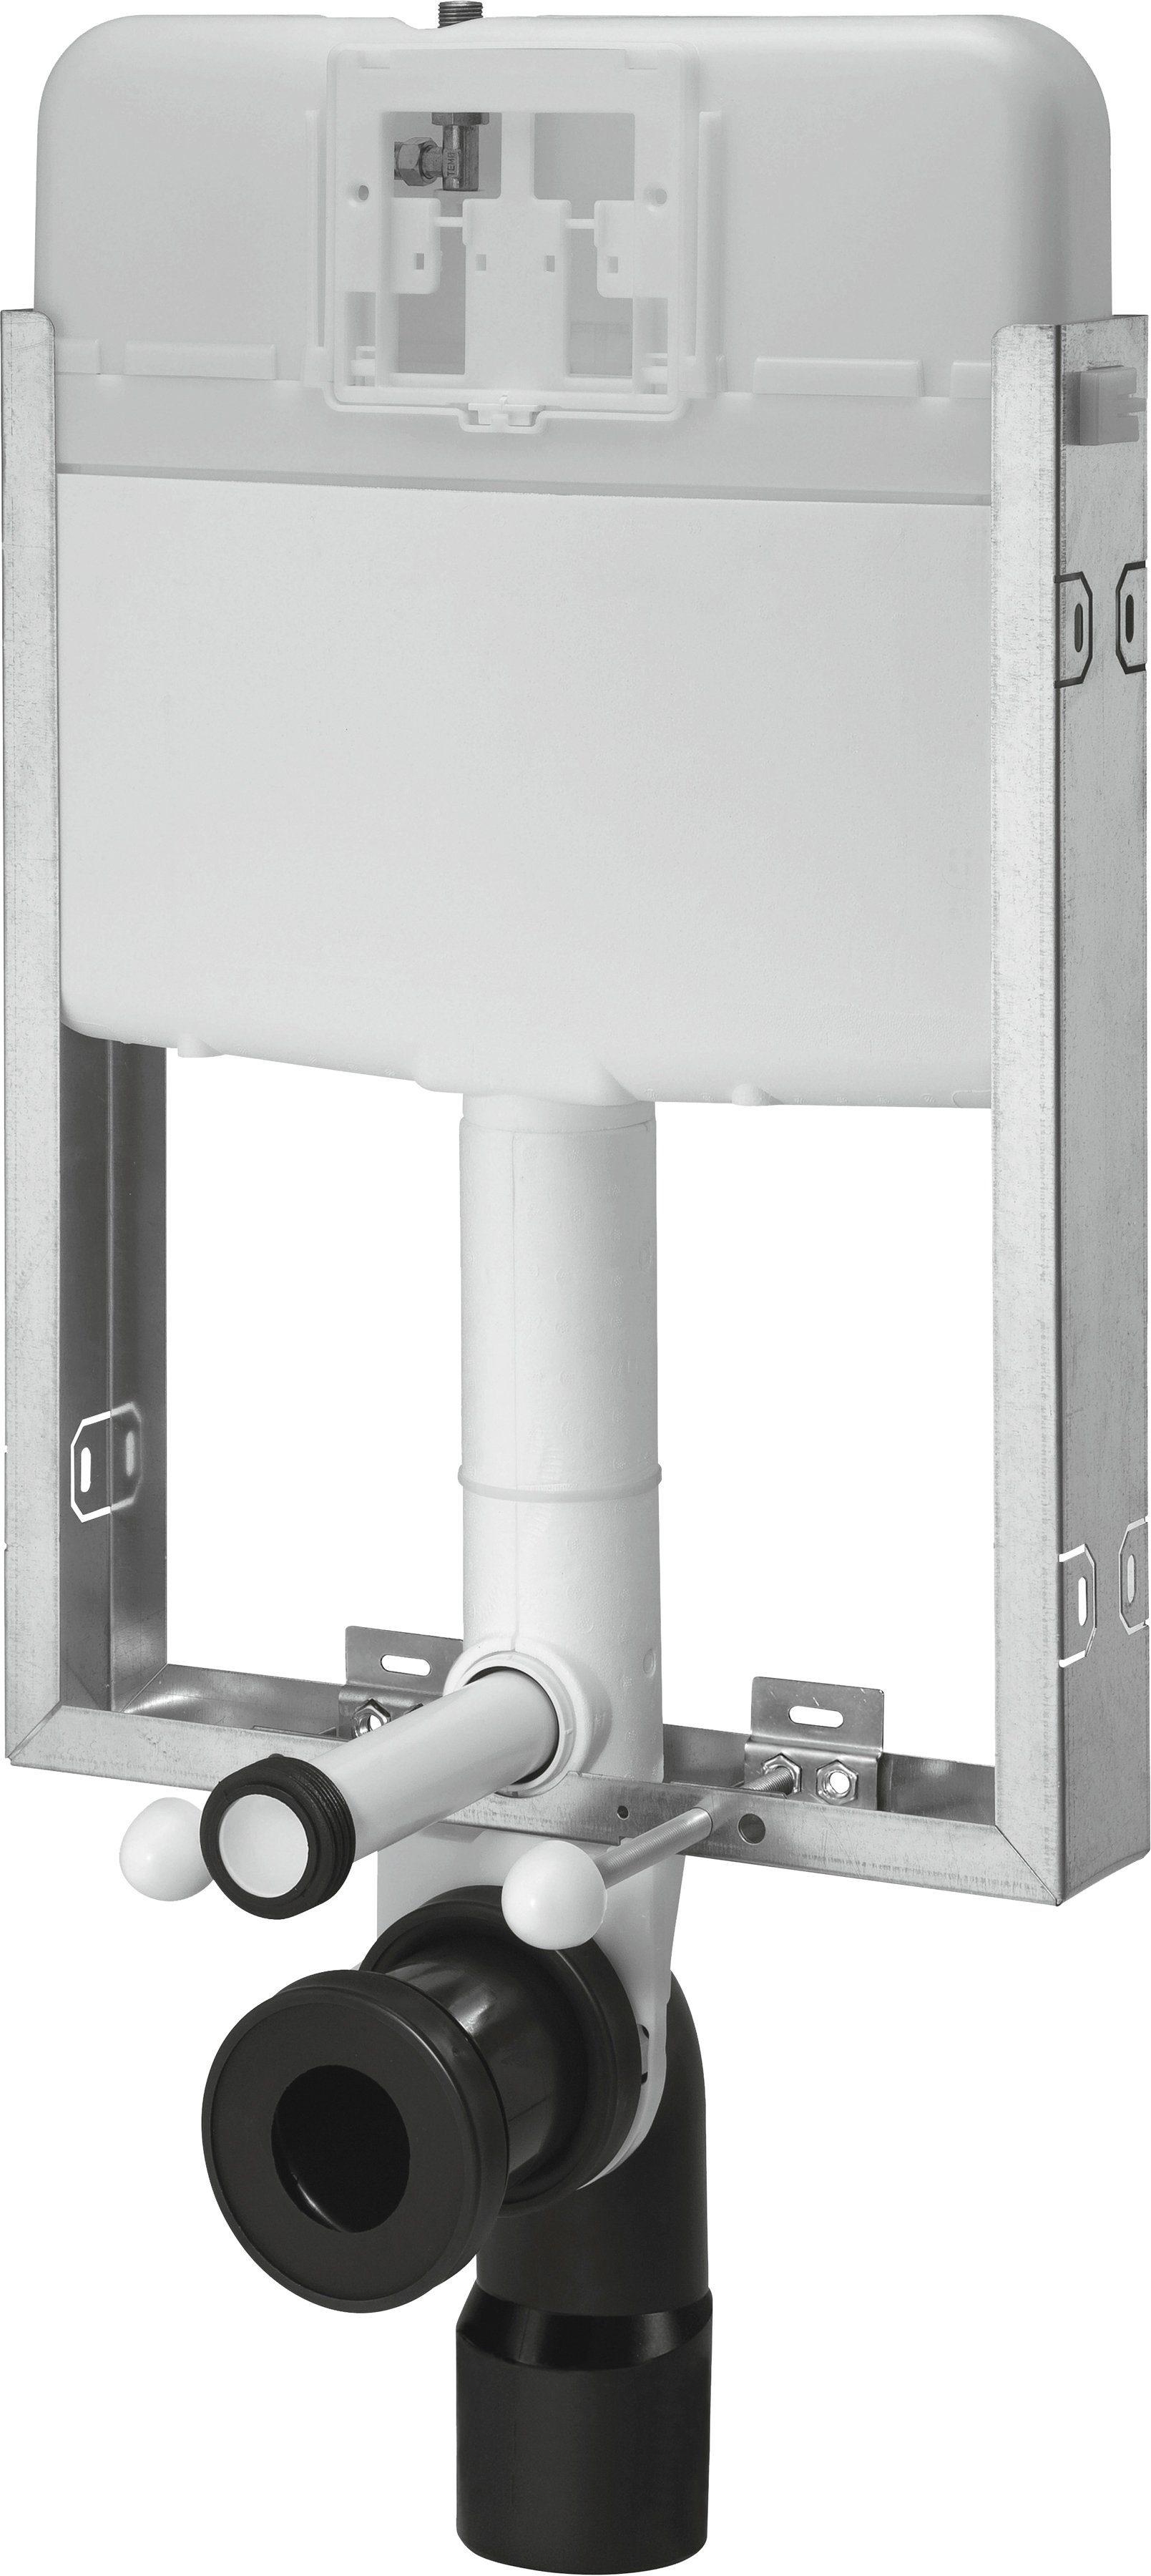 CORNAT Vorwandelement für WC »512«, Wandeinbau-Spülkasten, 2- Mengen